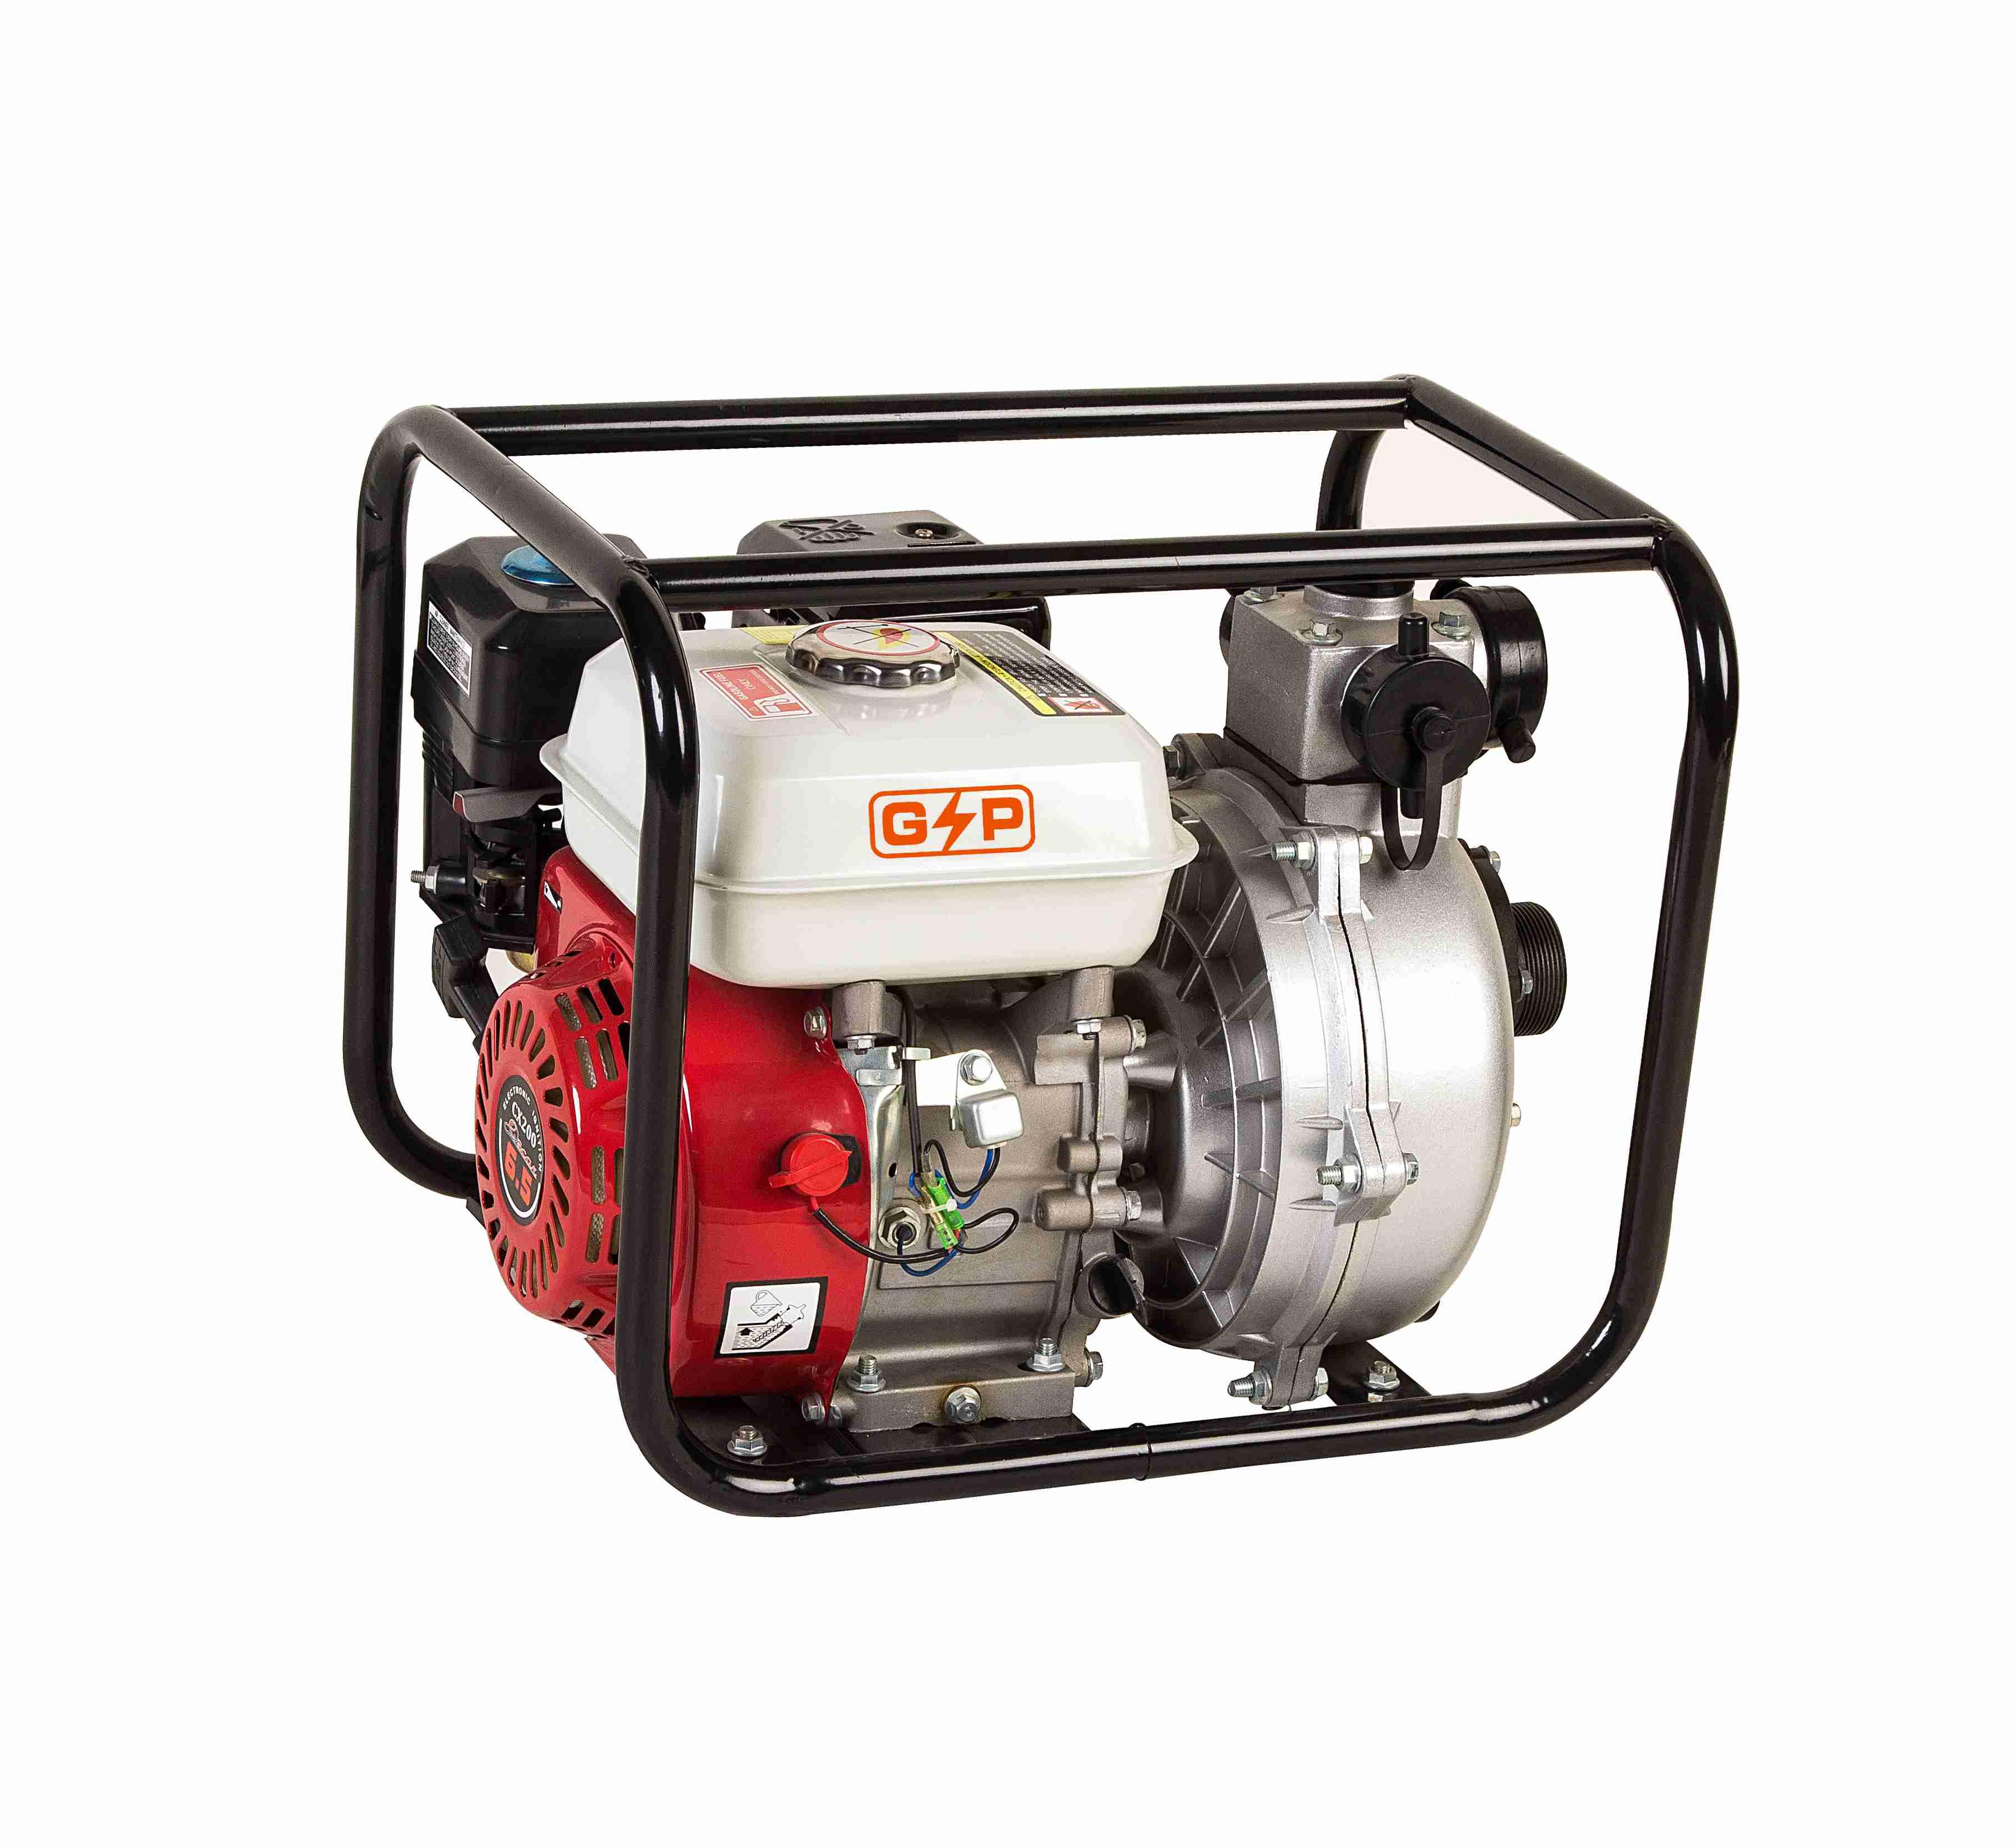 4寸汽油水泵自吸泵便携式小型家用农用灌溉排涝清水泵